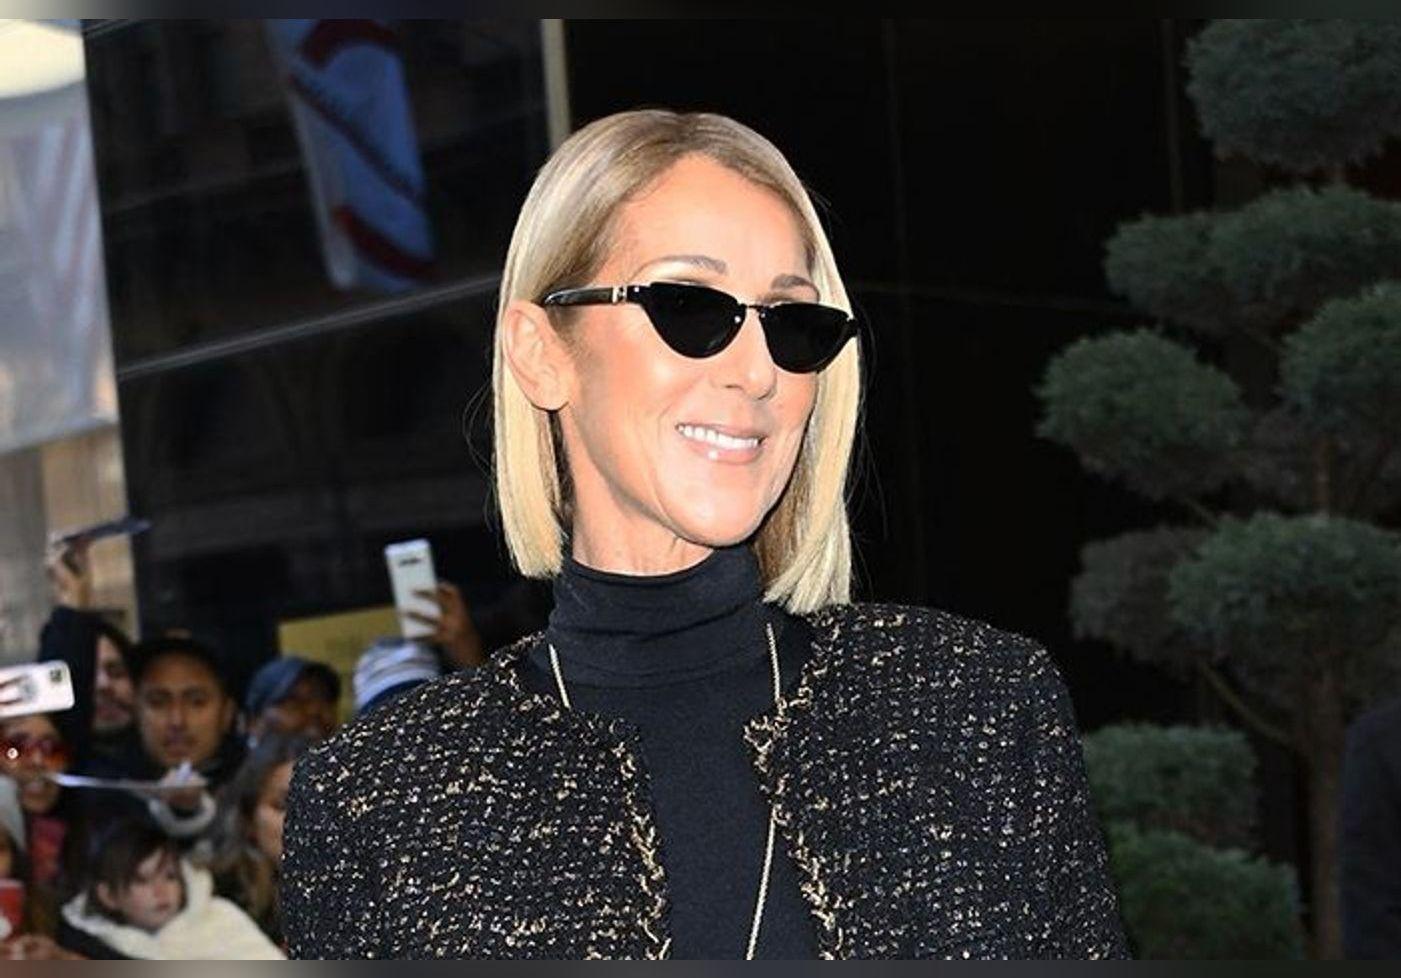 Comment reproduire ce look très chic de Céline Dion